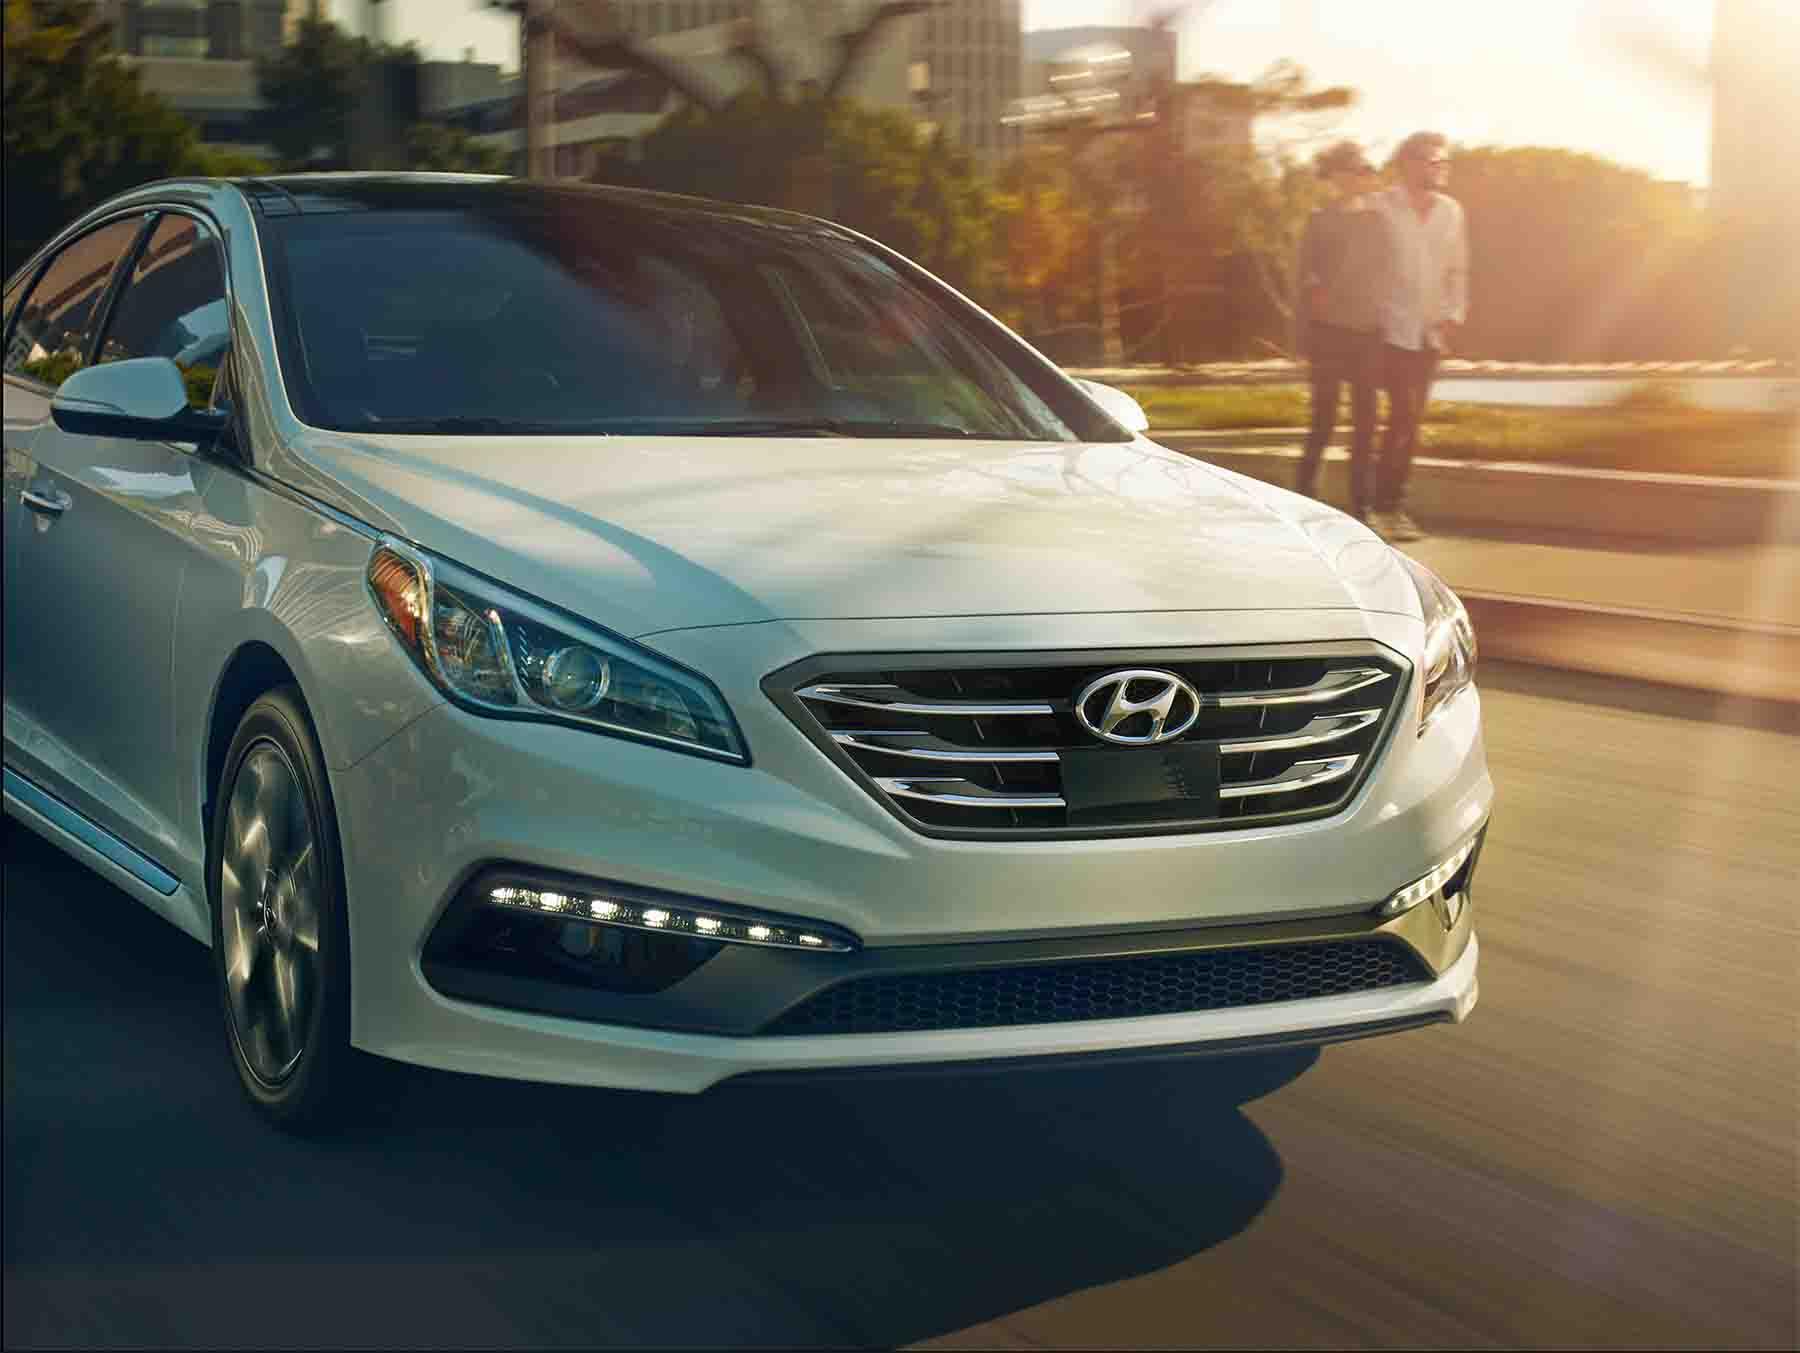 Hyundai Dealership Near Me >> Used Hyundai Dealer Near Me Selma Hyundai